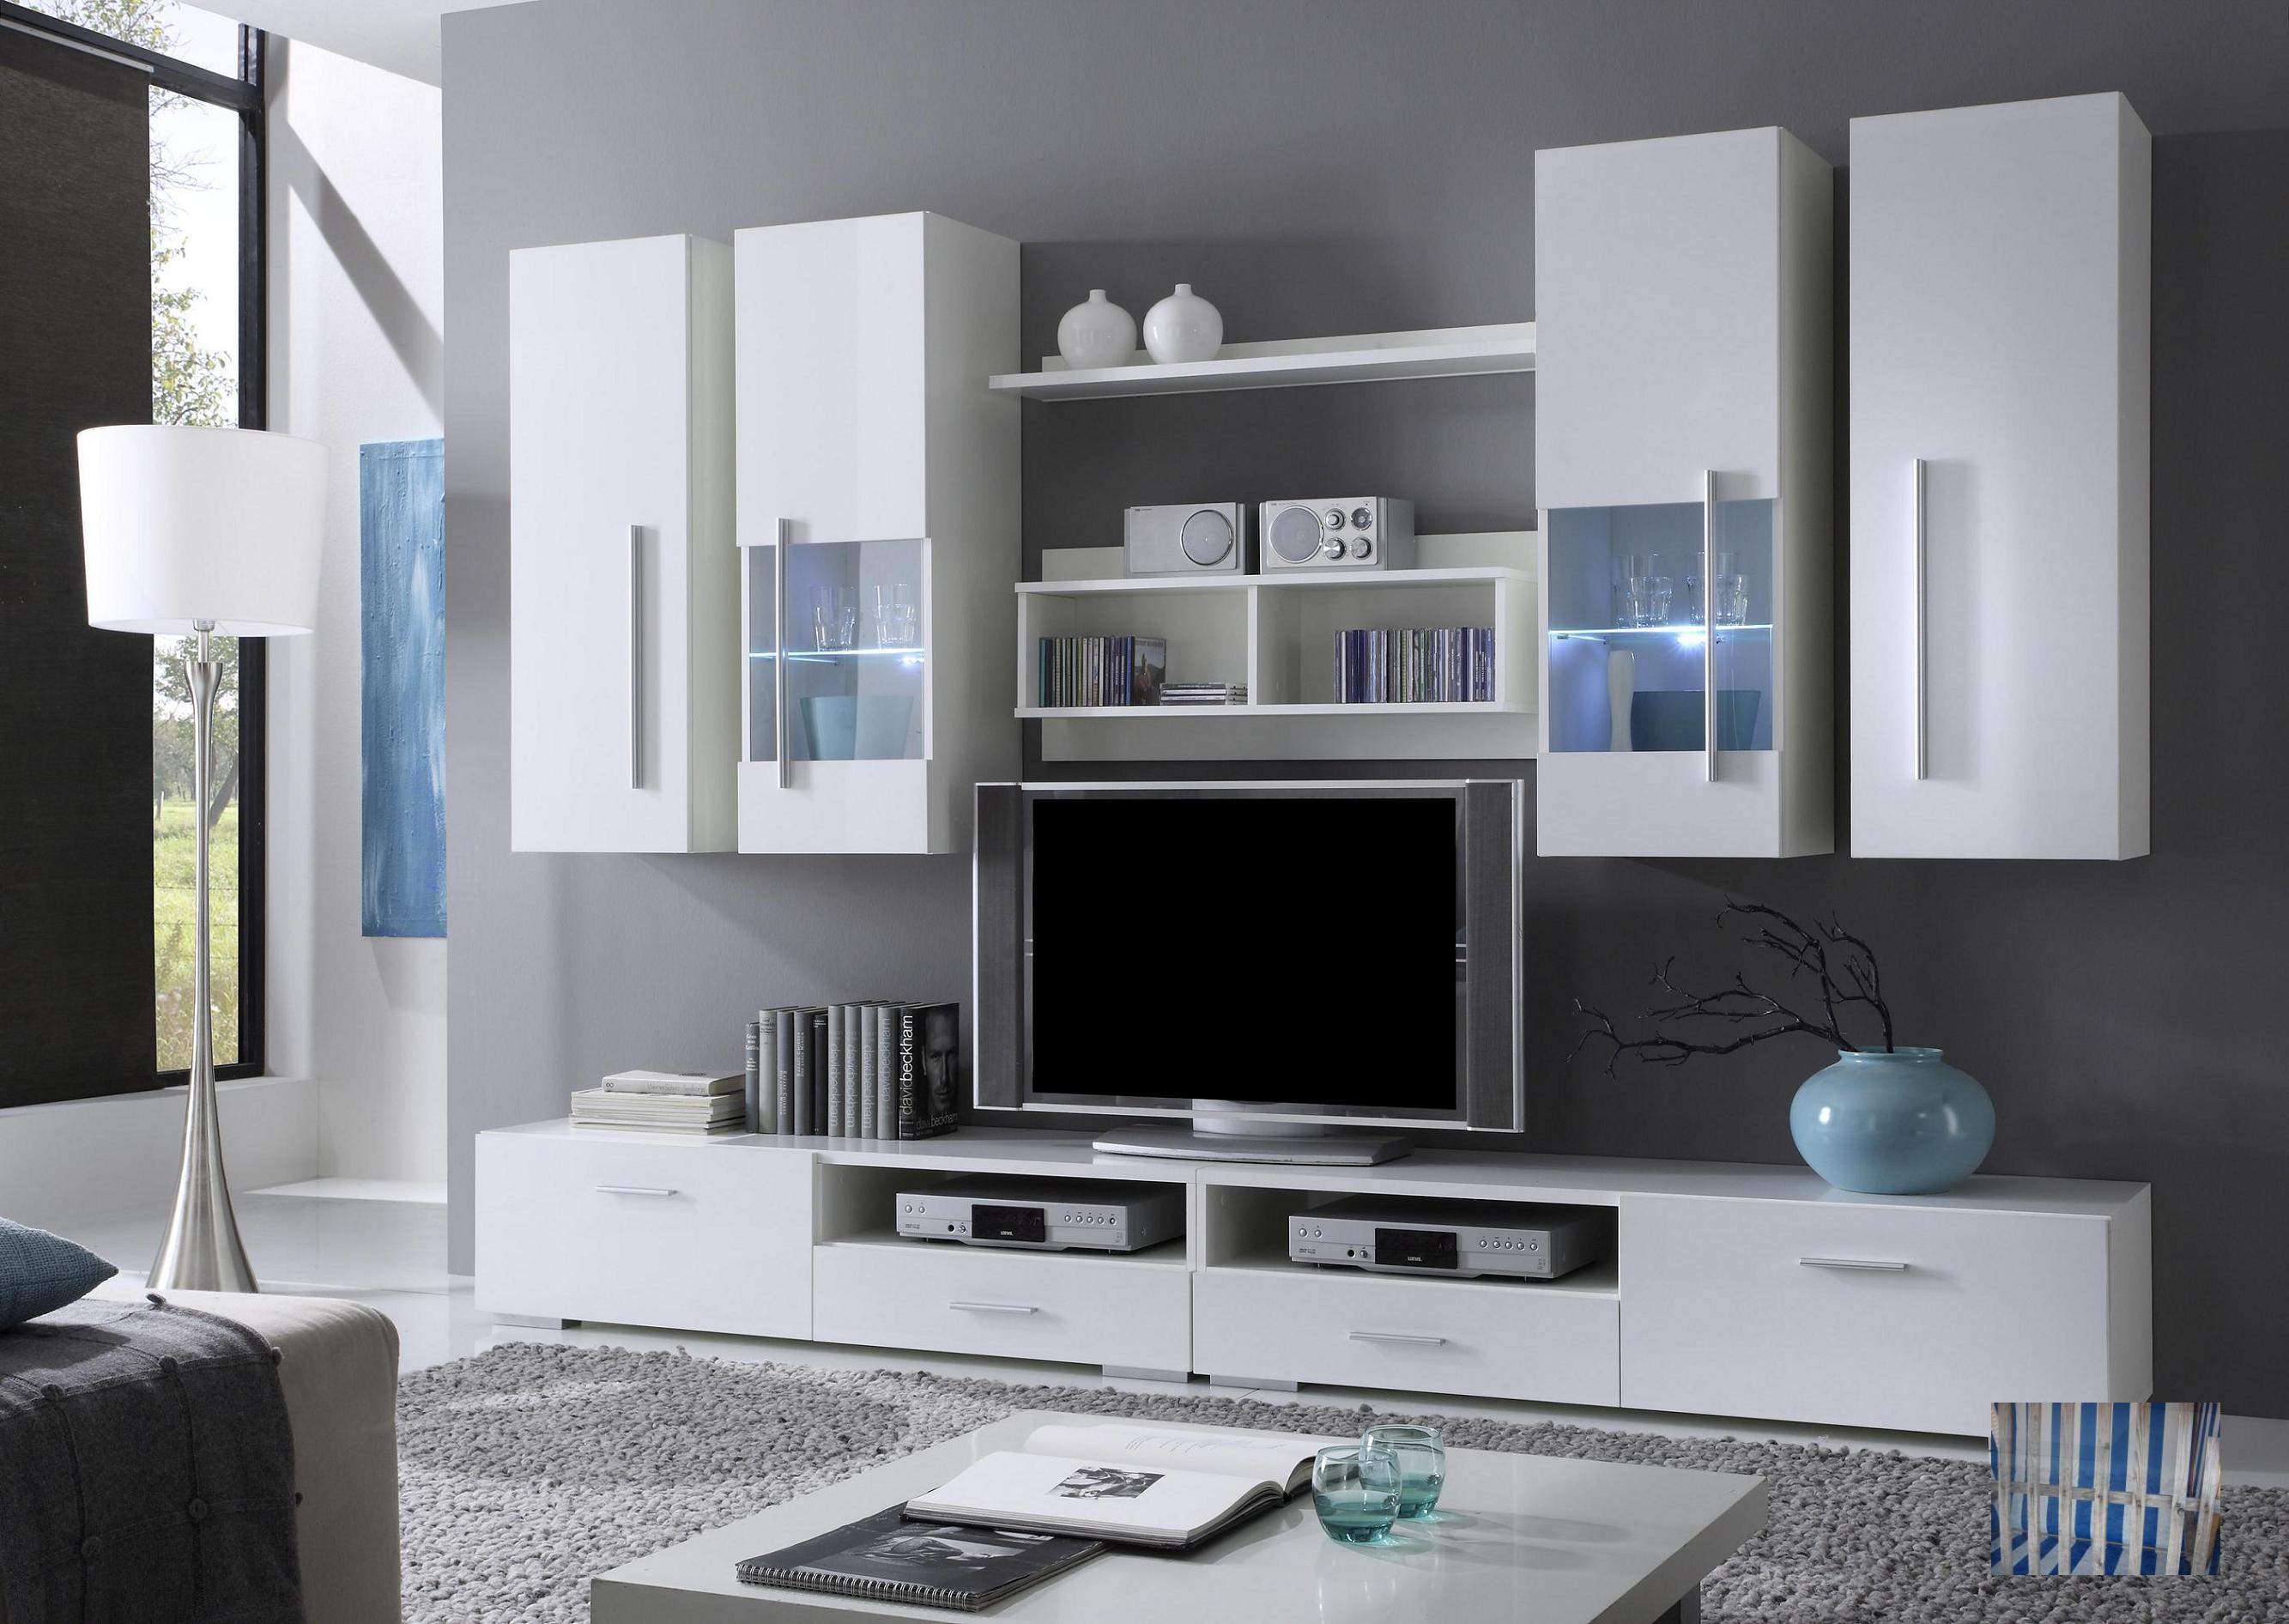 wohnzimmerz: moderne wohnzimmerwand with moderne wohnwand in weiss, Hause ideen